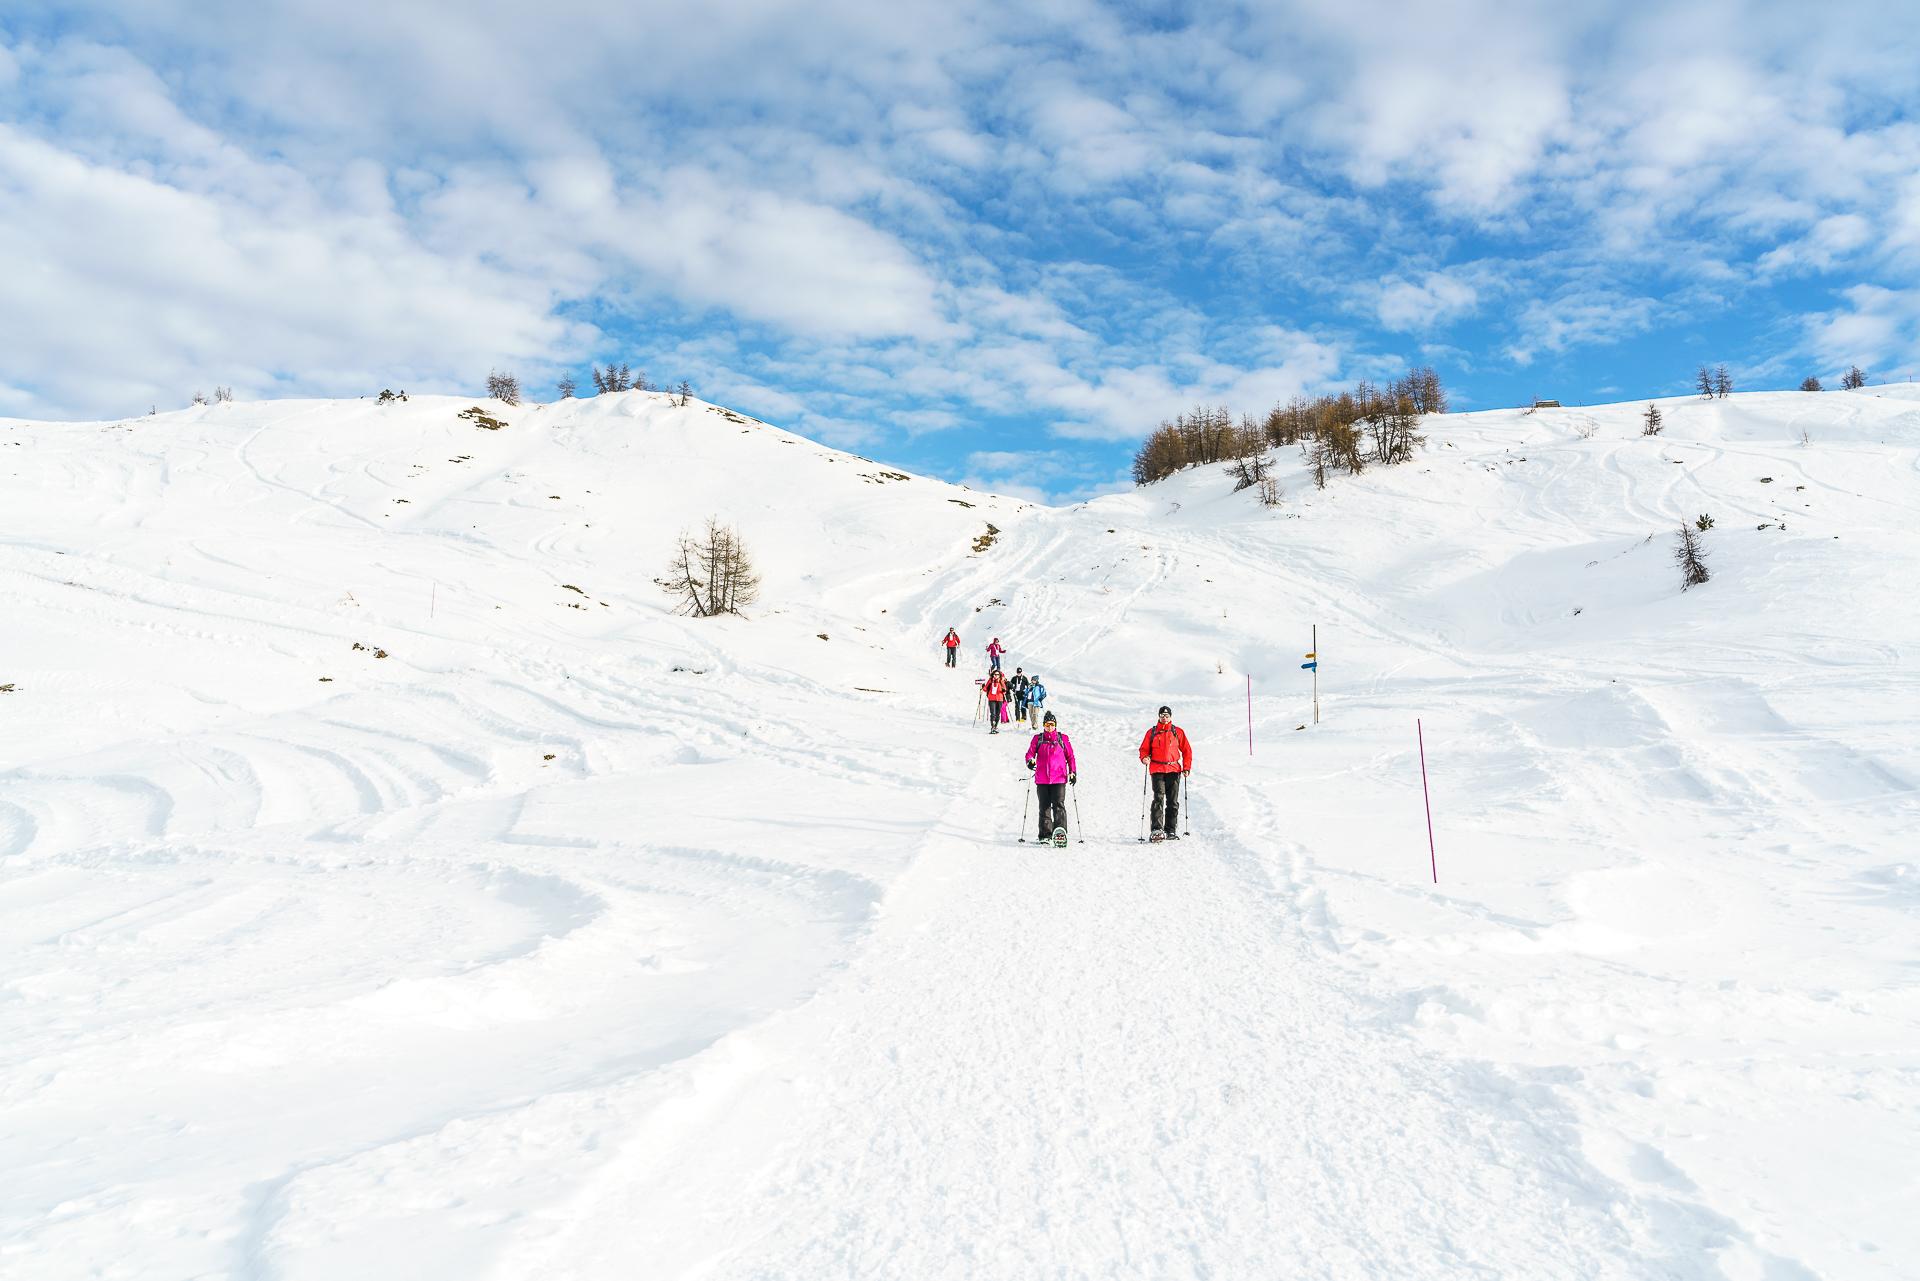 Kulinarische-Schneeschuhtour-Visperterminen